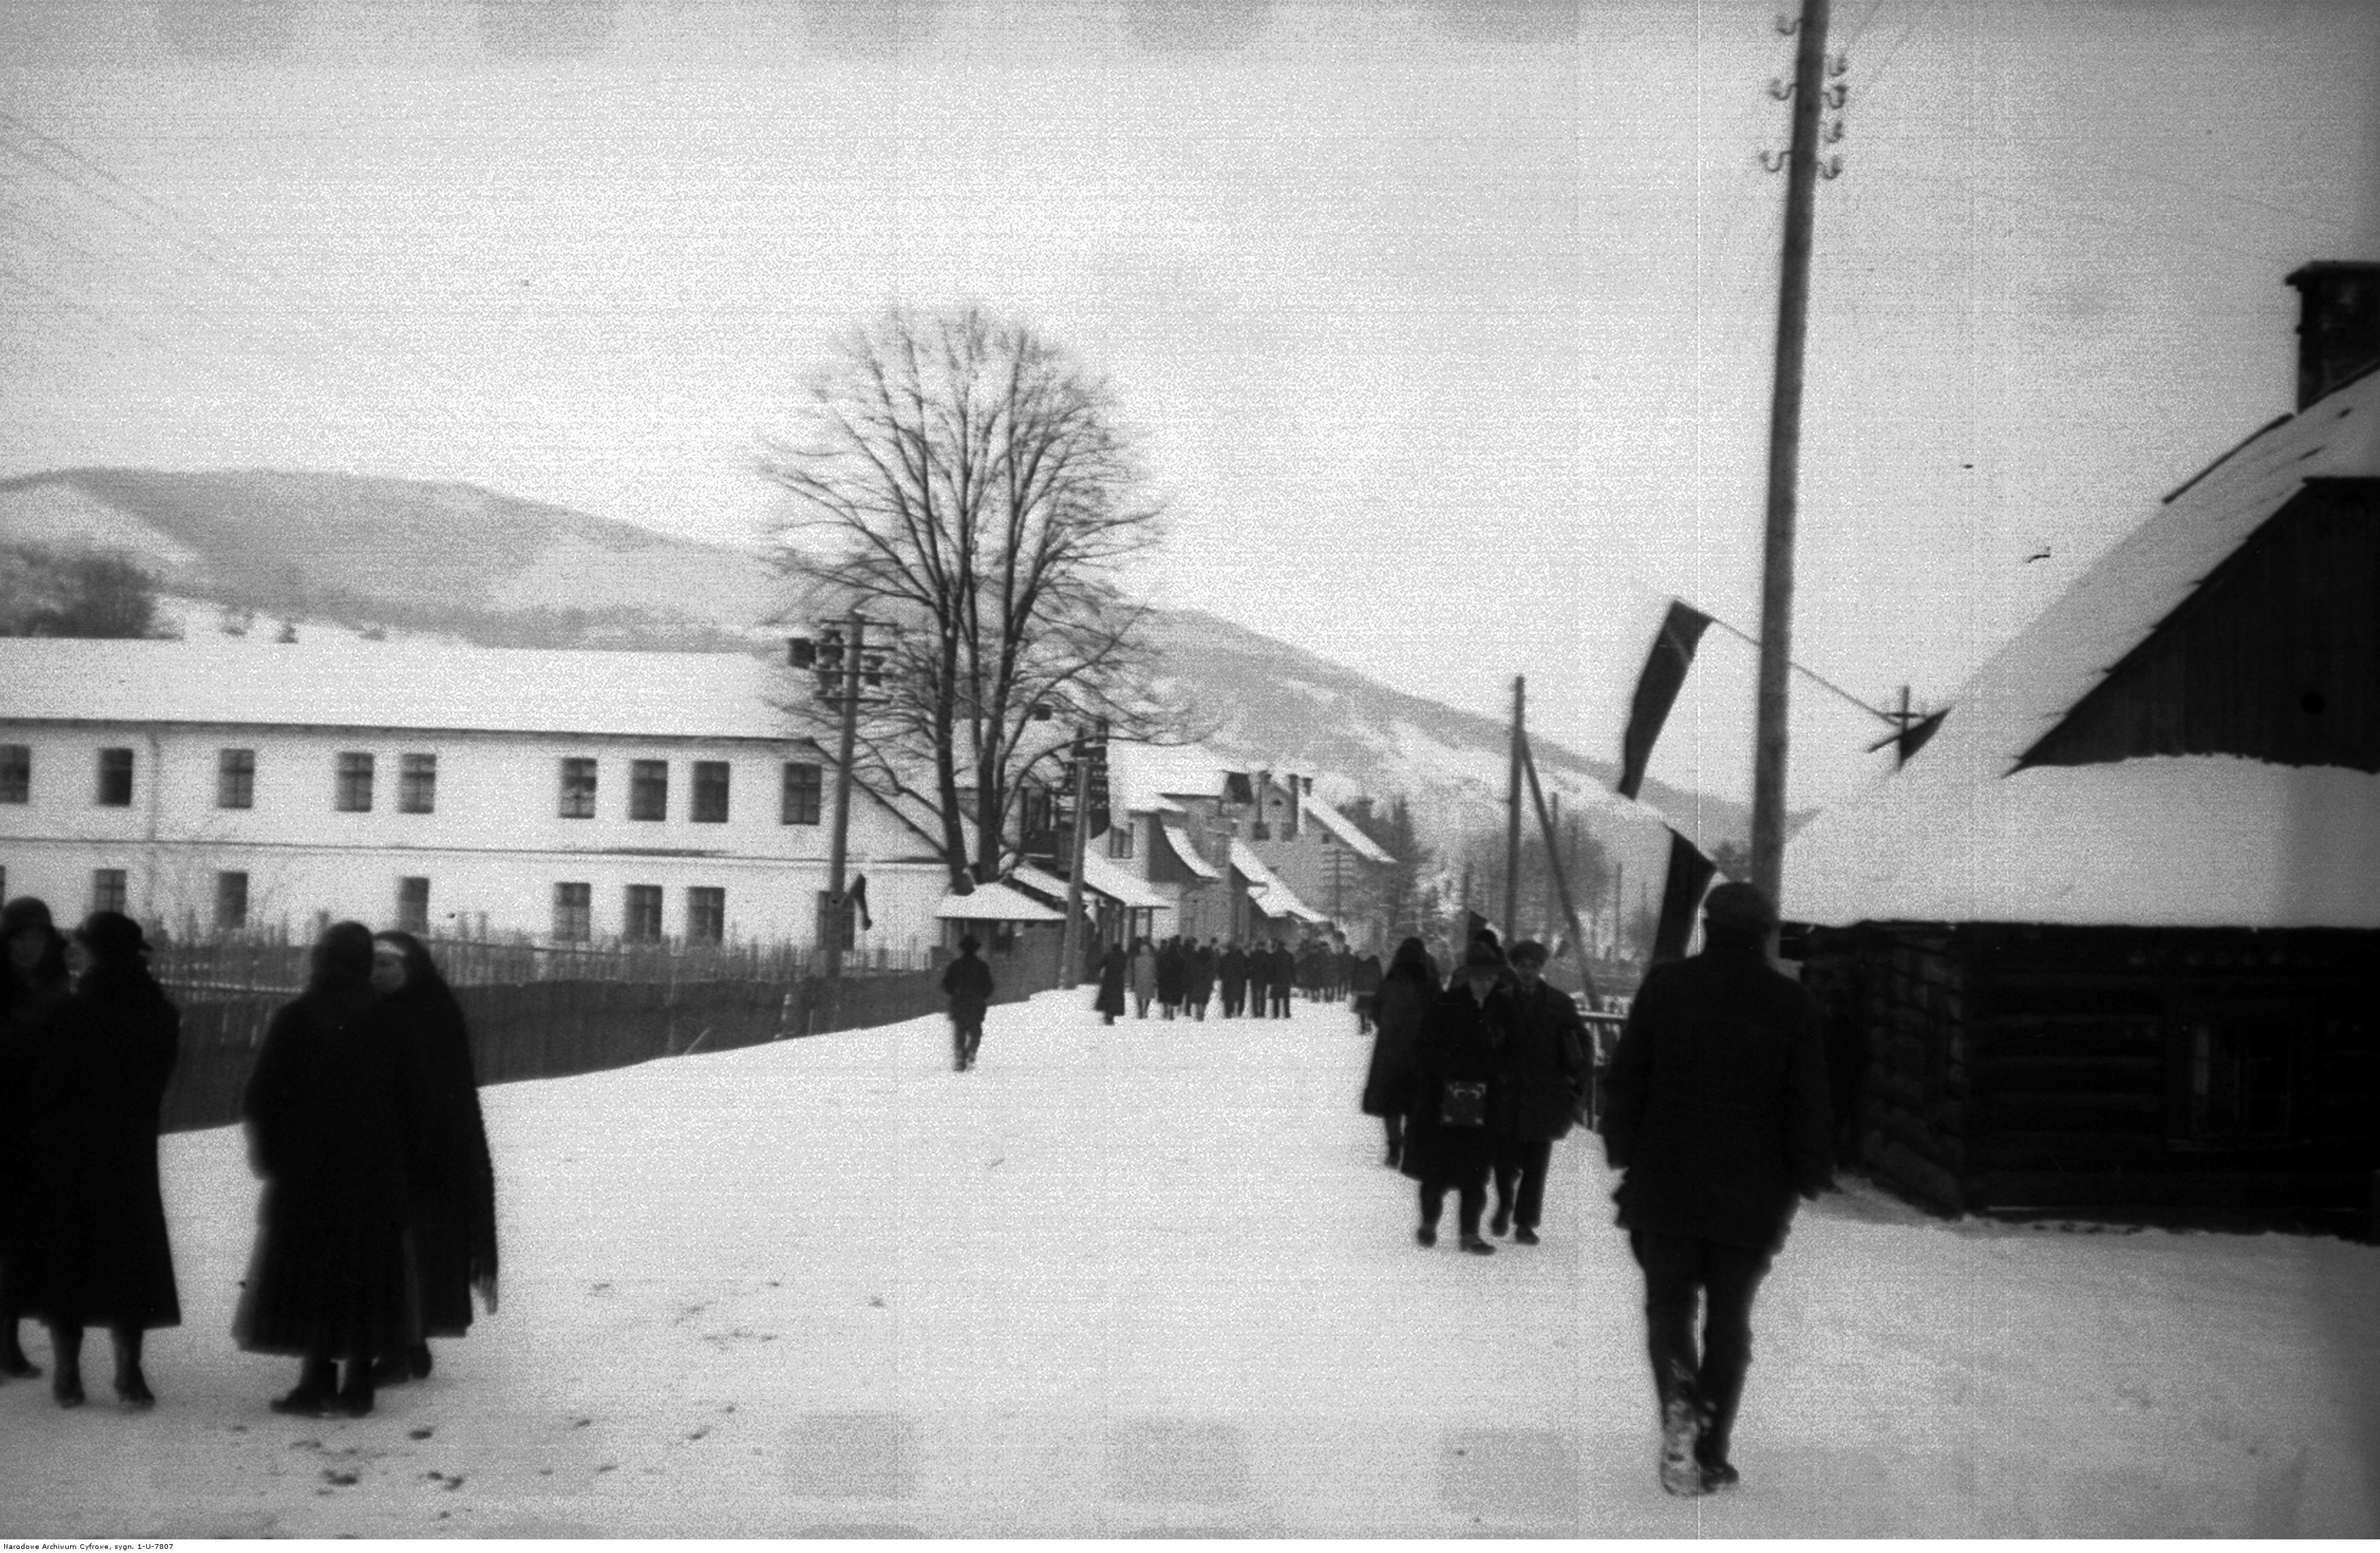 Fragment miejscowości Wisła. Fragment jednej z ulic miejscowości. Widoczni piesi. Fotografia wykonana zimą. Źródło: NAC.